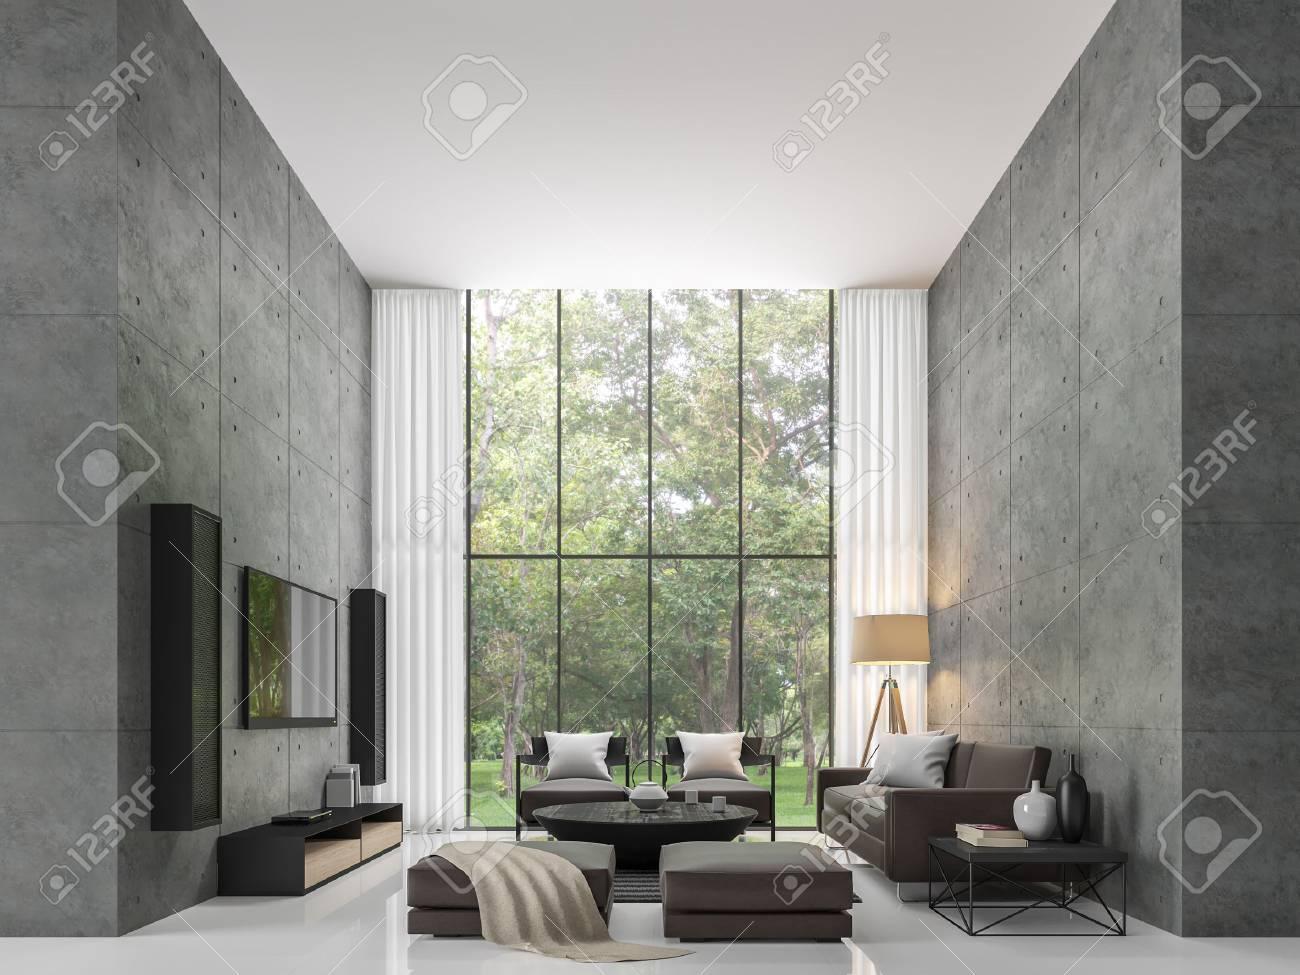 Immagini Stock - Soggiorno Moderno Loft Immagine Di Rendering 3d Il ...